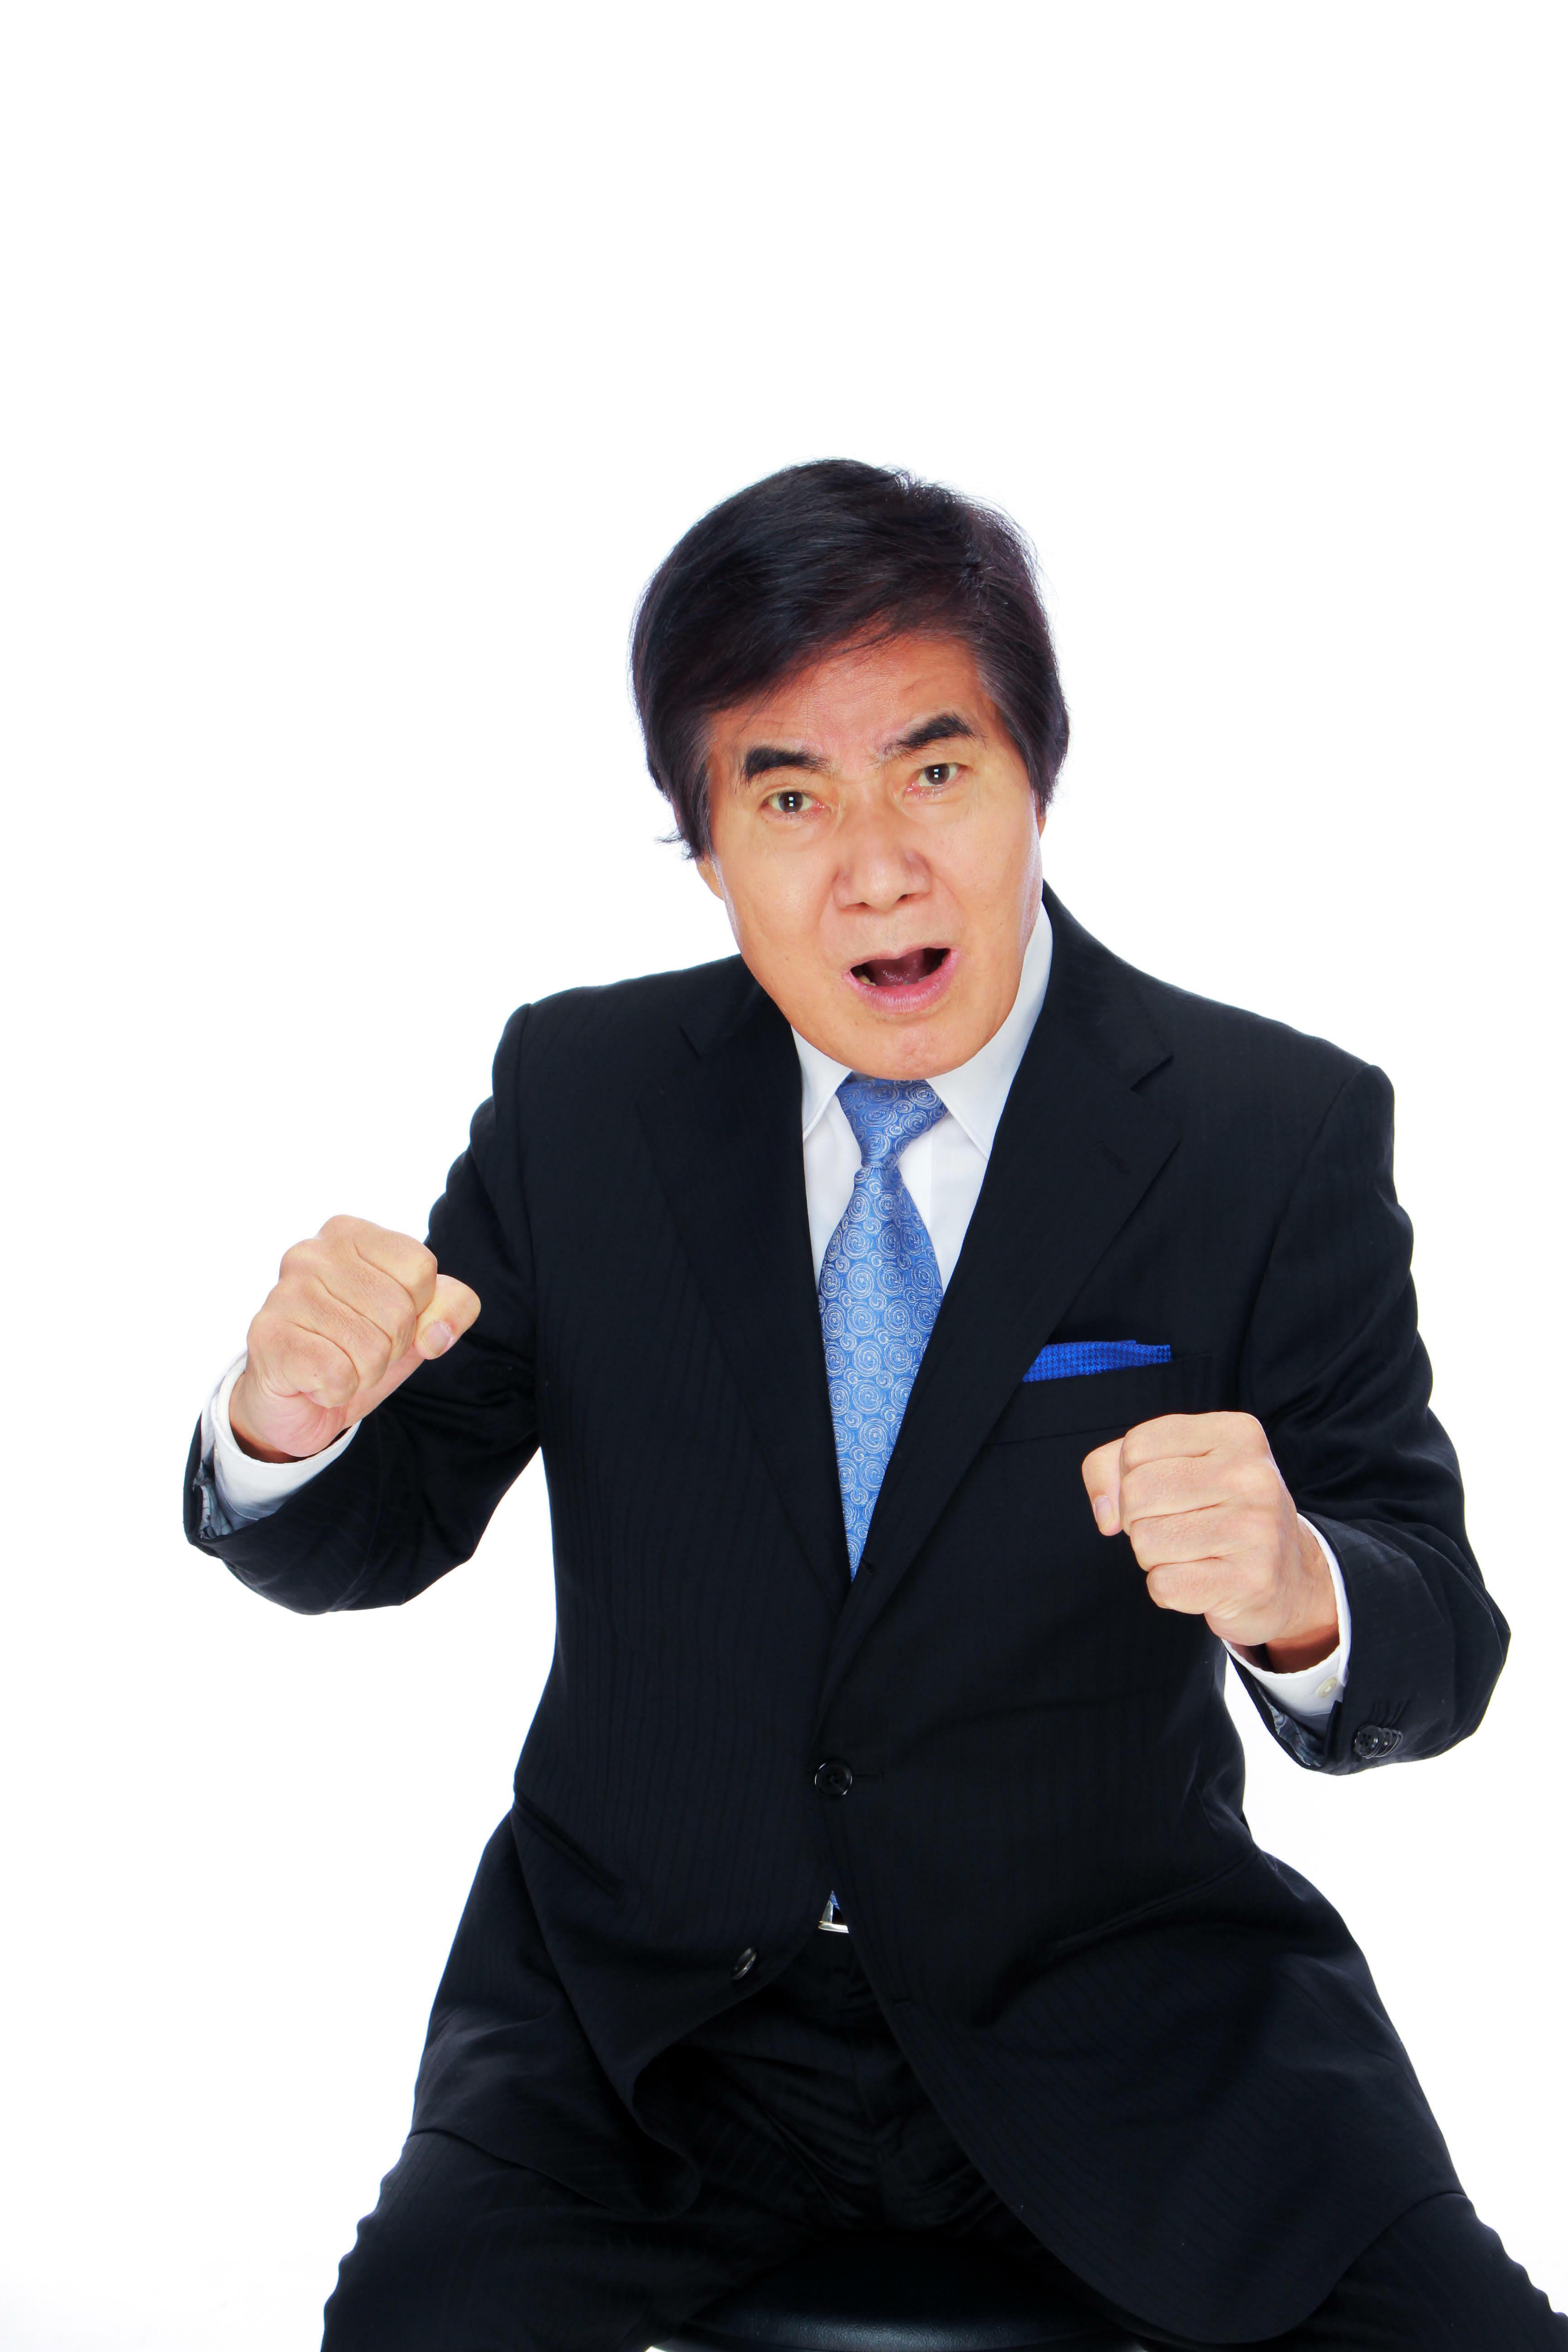 『全裸監督』のモデルでAV監督・村西とおる、J-WAVE『JAM THE WORLD』8/29に出演!